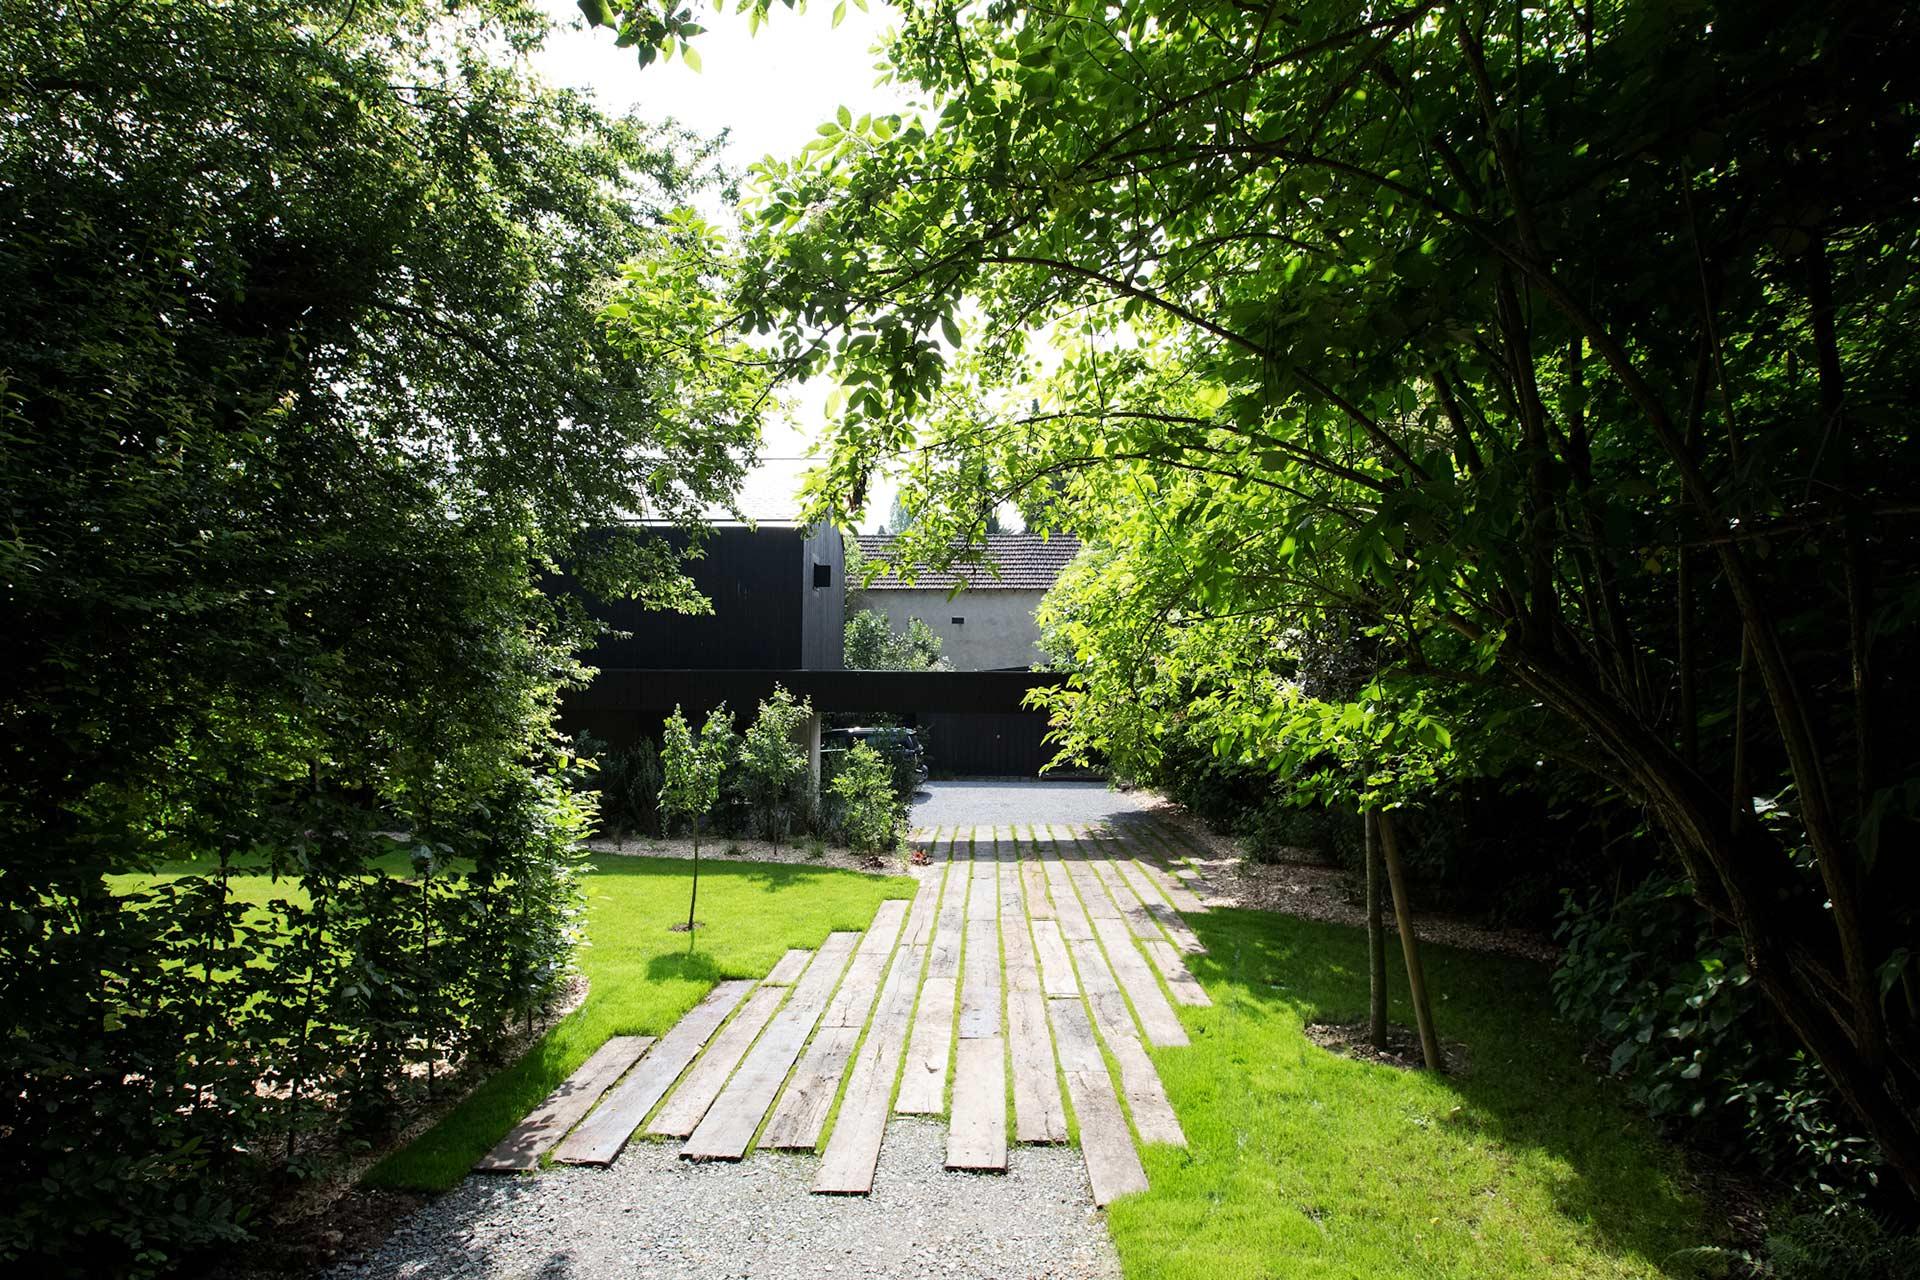 Serrault Jardins, paysagiste à la Ville aux Dames réalise des jardin sur mesure en fonction des besoins et envies du son client.